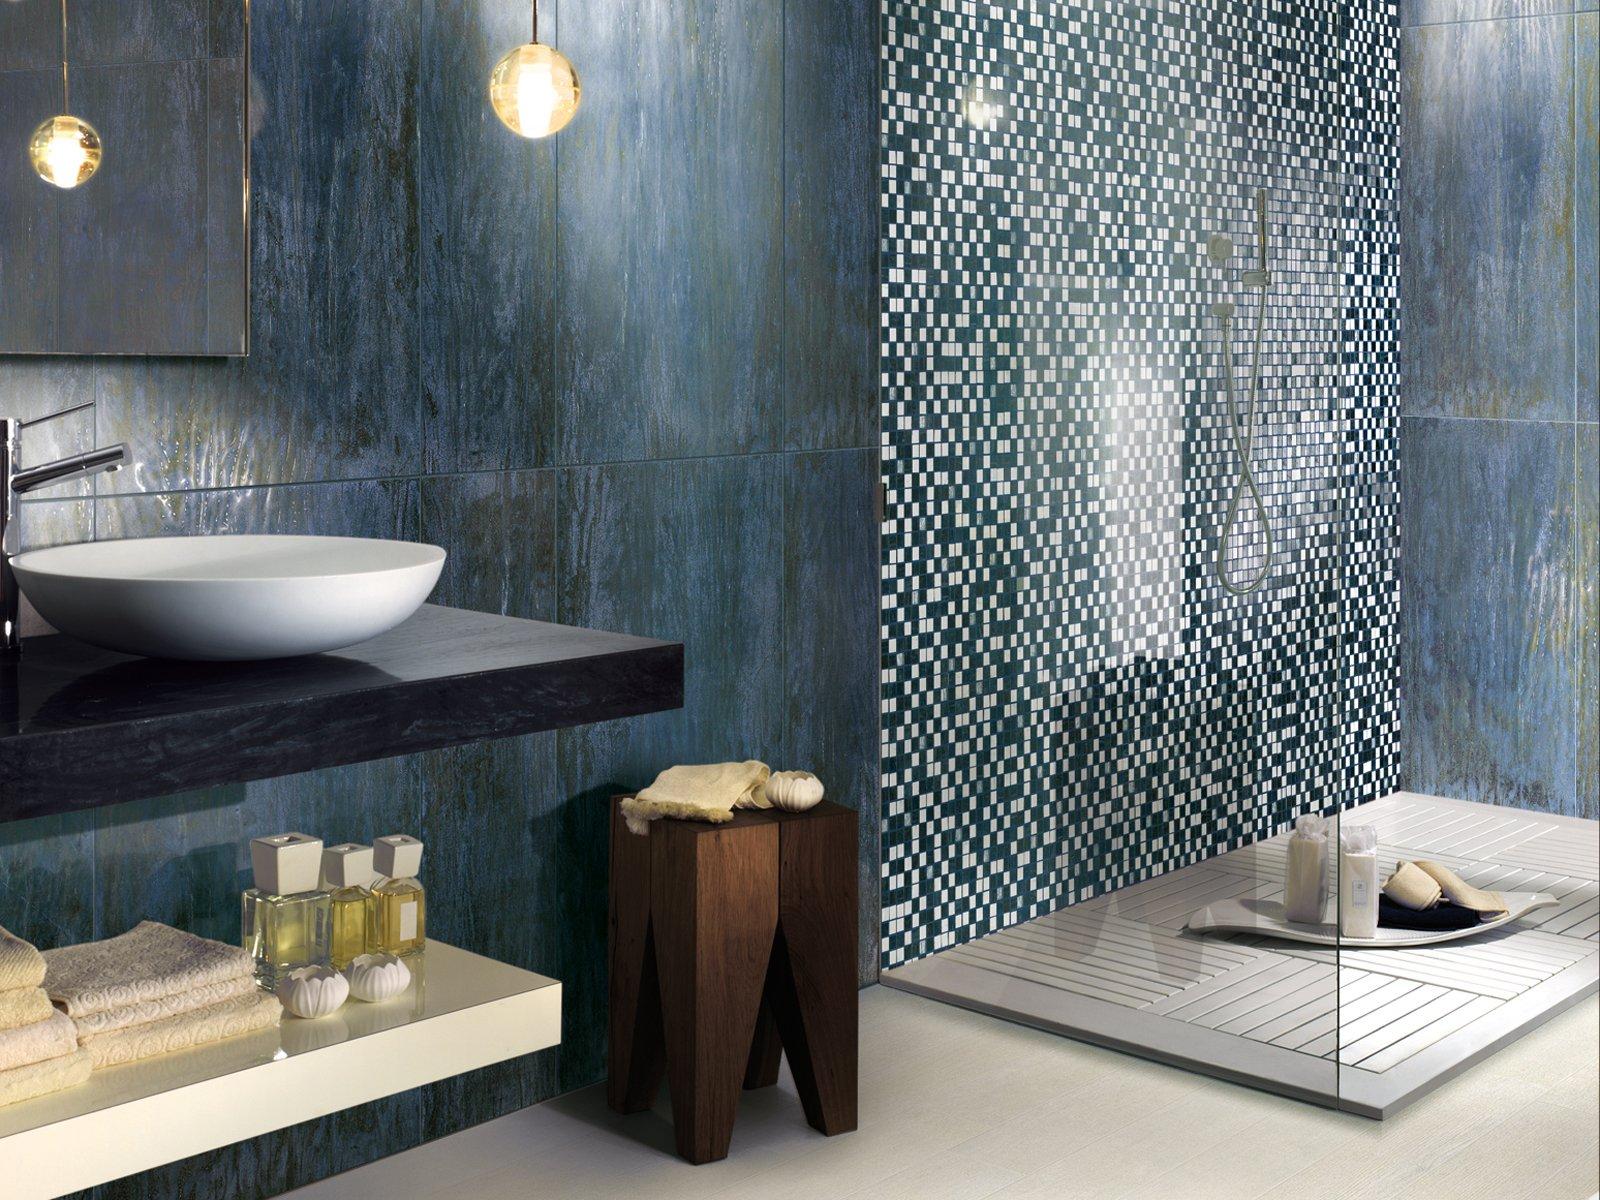 Ceramiche le piastrelle belle e durevoli cose di casa - Mattonelle per bagno ...